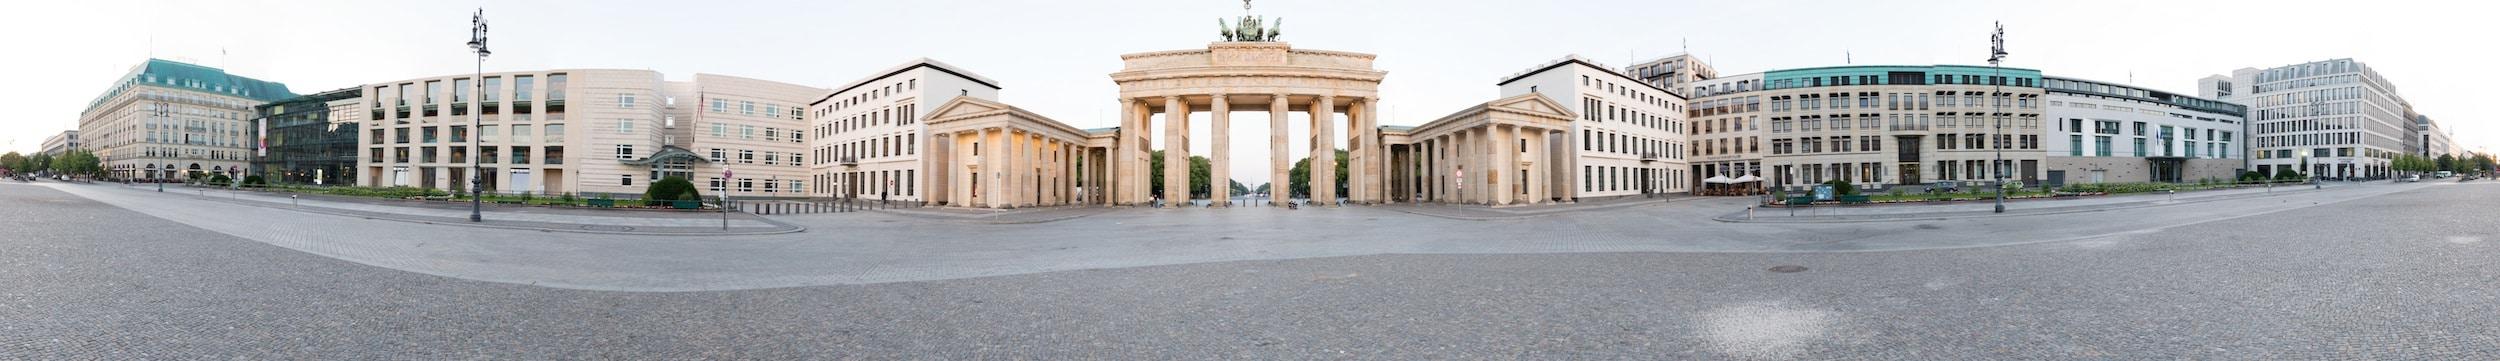 Panorama Brandenburger Tor als virtuelle Tour, (Foto copyright - Frank Weber - Berlin - fotologbuch.de)